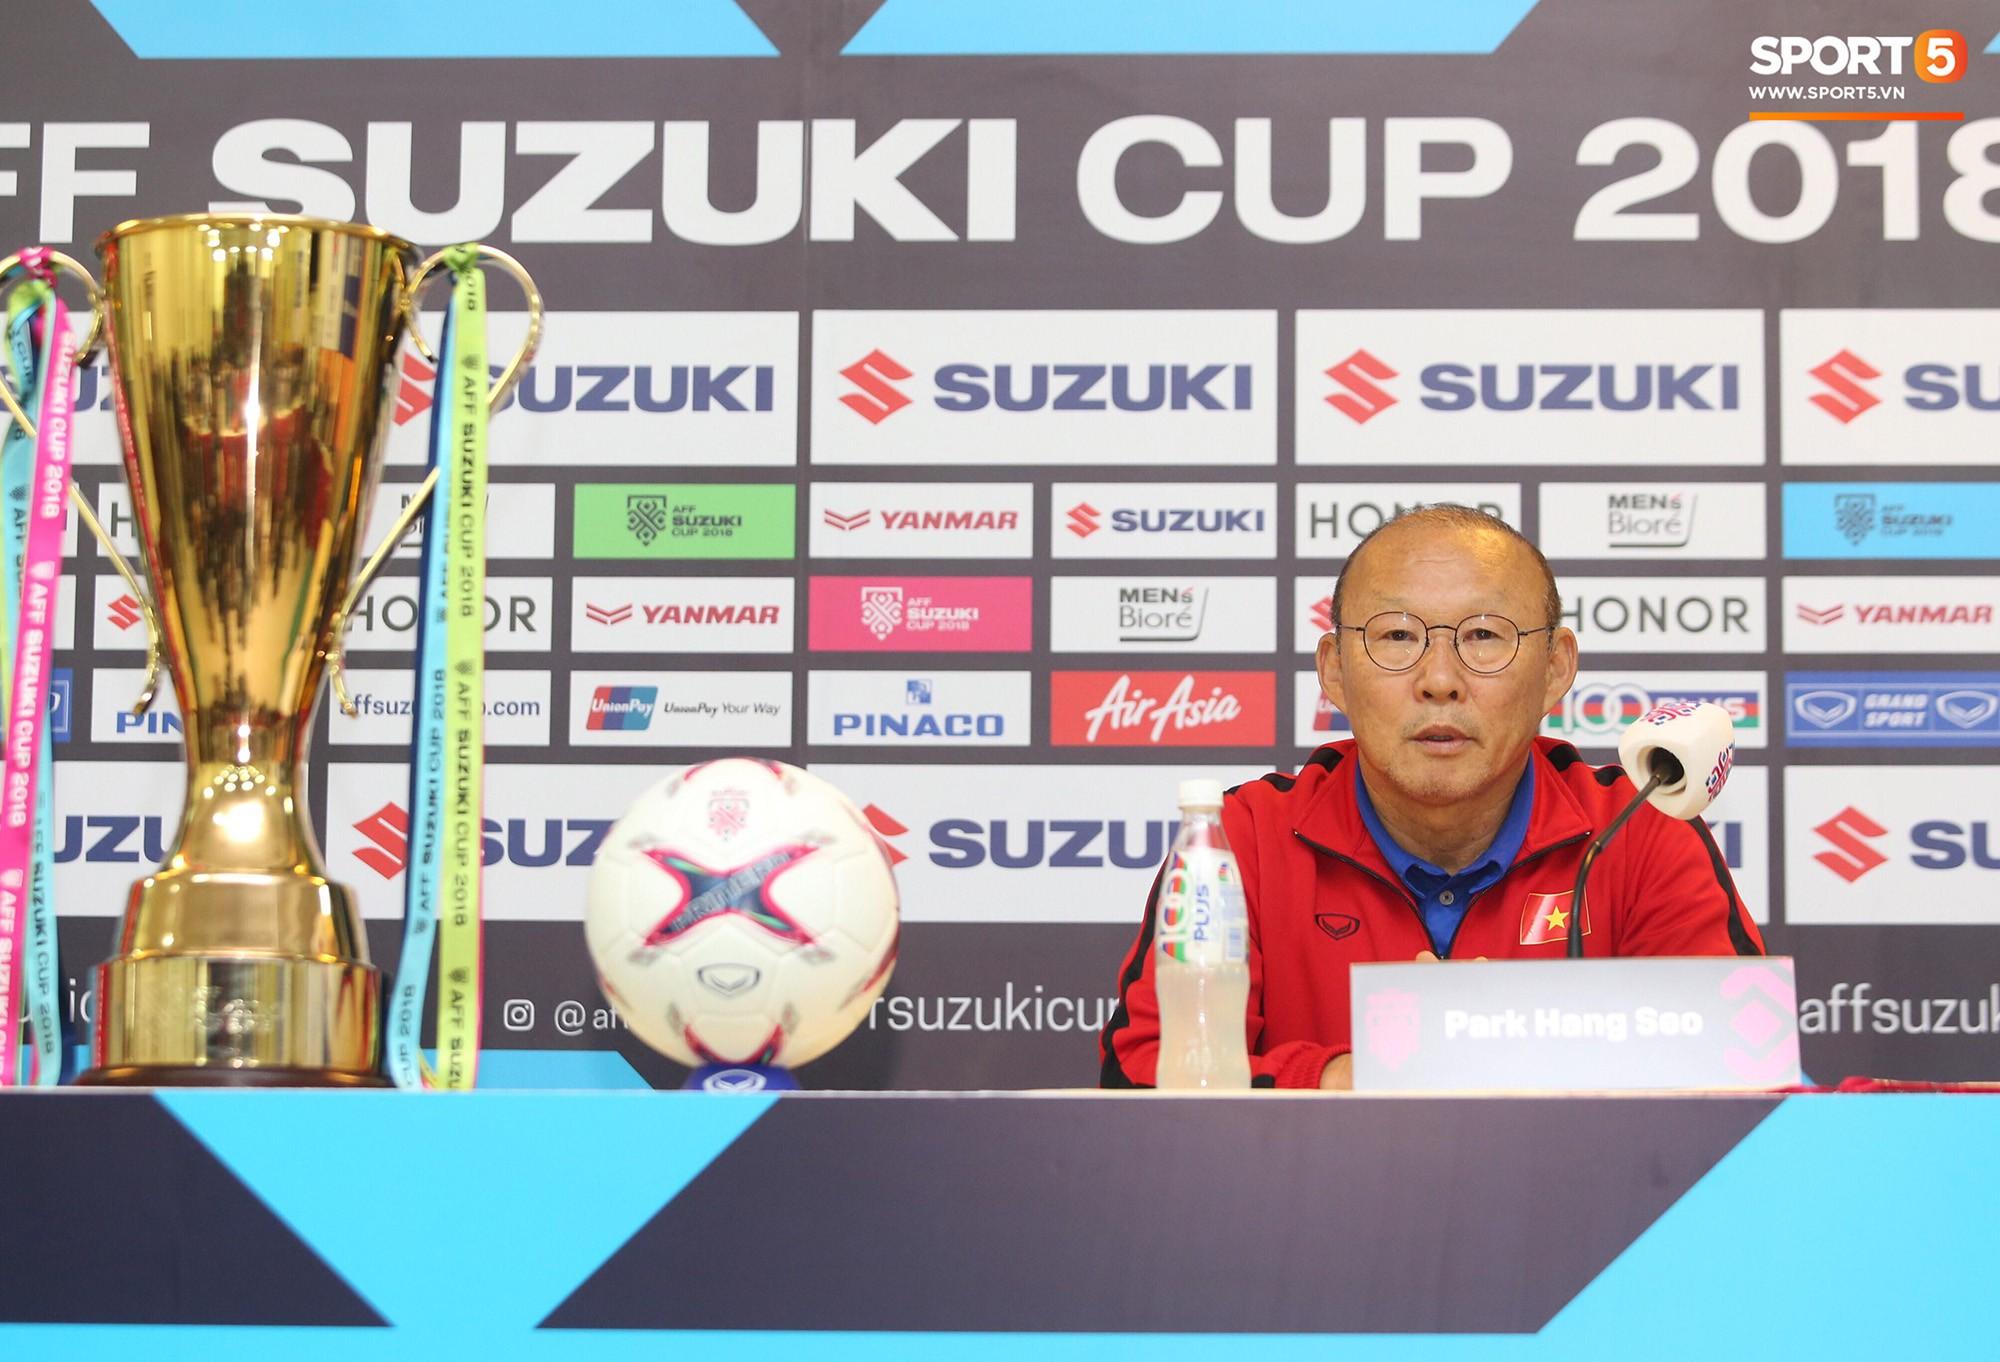 HLV Park Hang Seo bước sang tuổi 60: Từ sinh viên nghiên cứu thảo mộc đến huyền thoại bóng đá Việt Nam-29